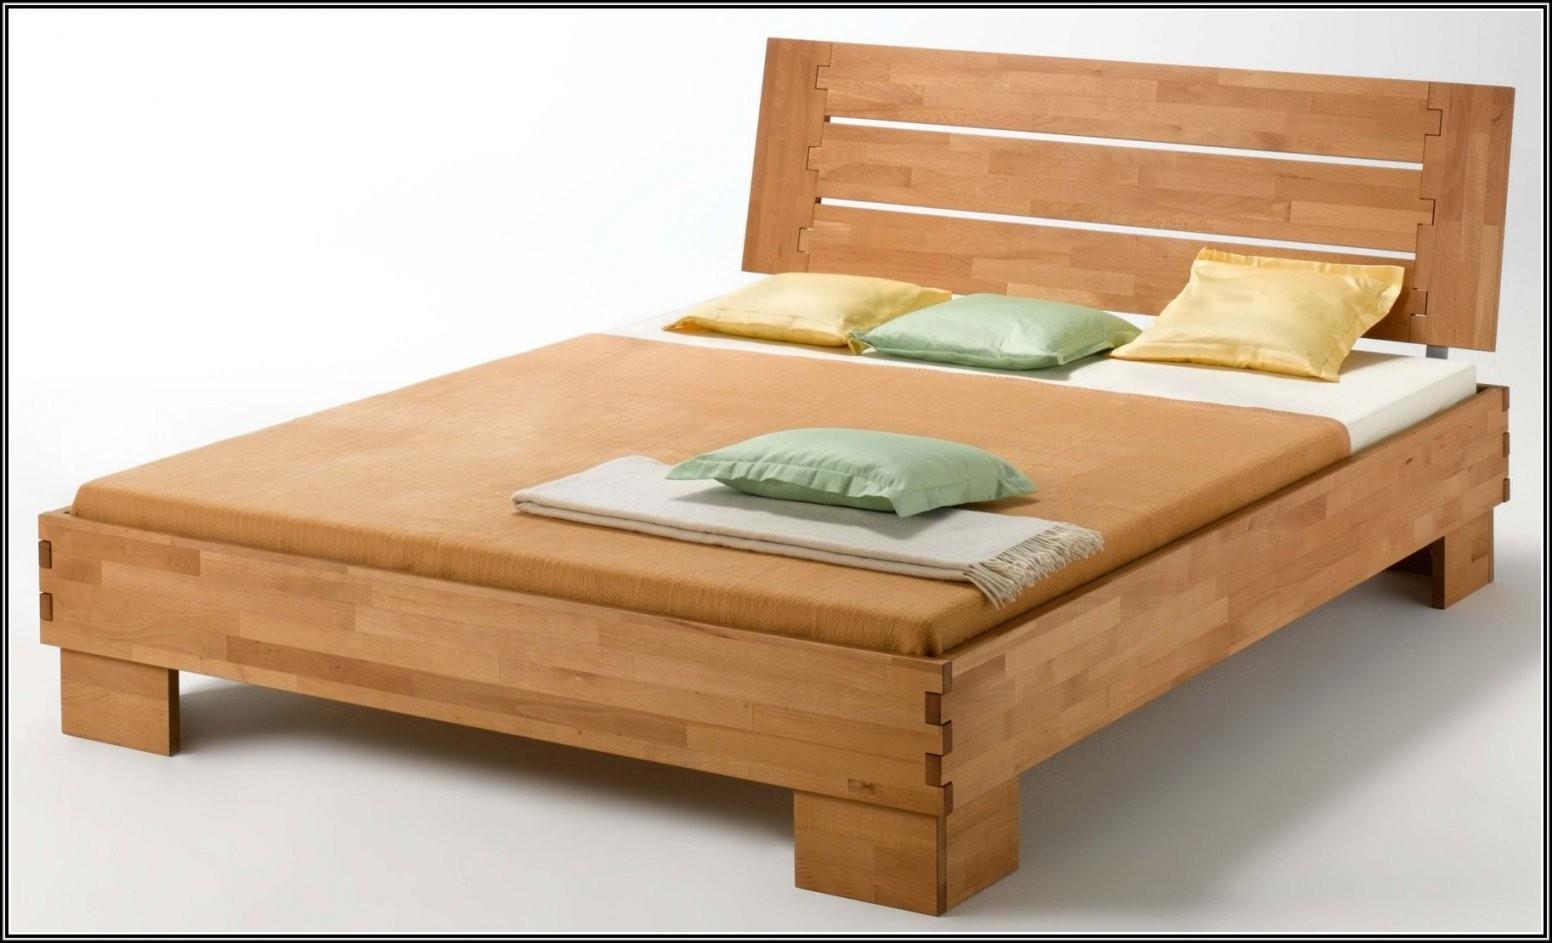 Ikea Malm Bett 140X200 Buche  Betten  House Und Dekor Galerie von Bettgestell 140X200 Buche Bild